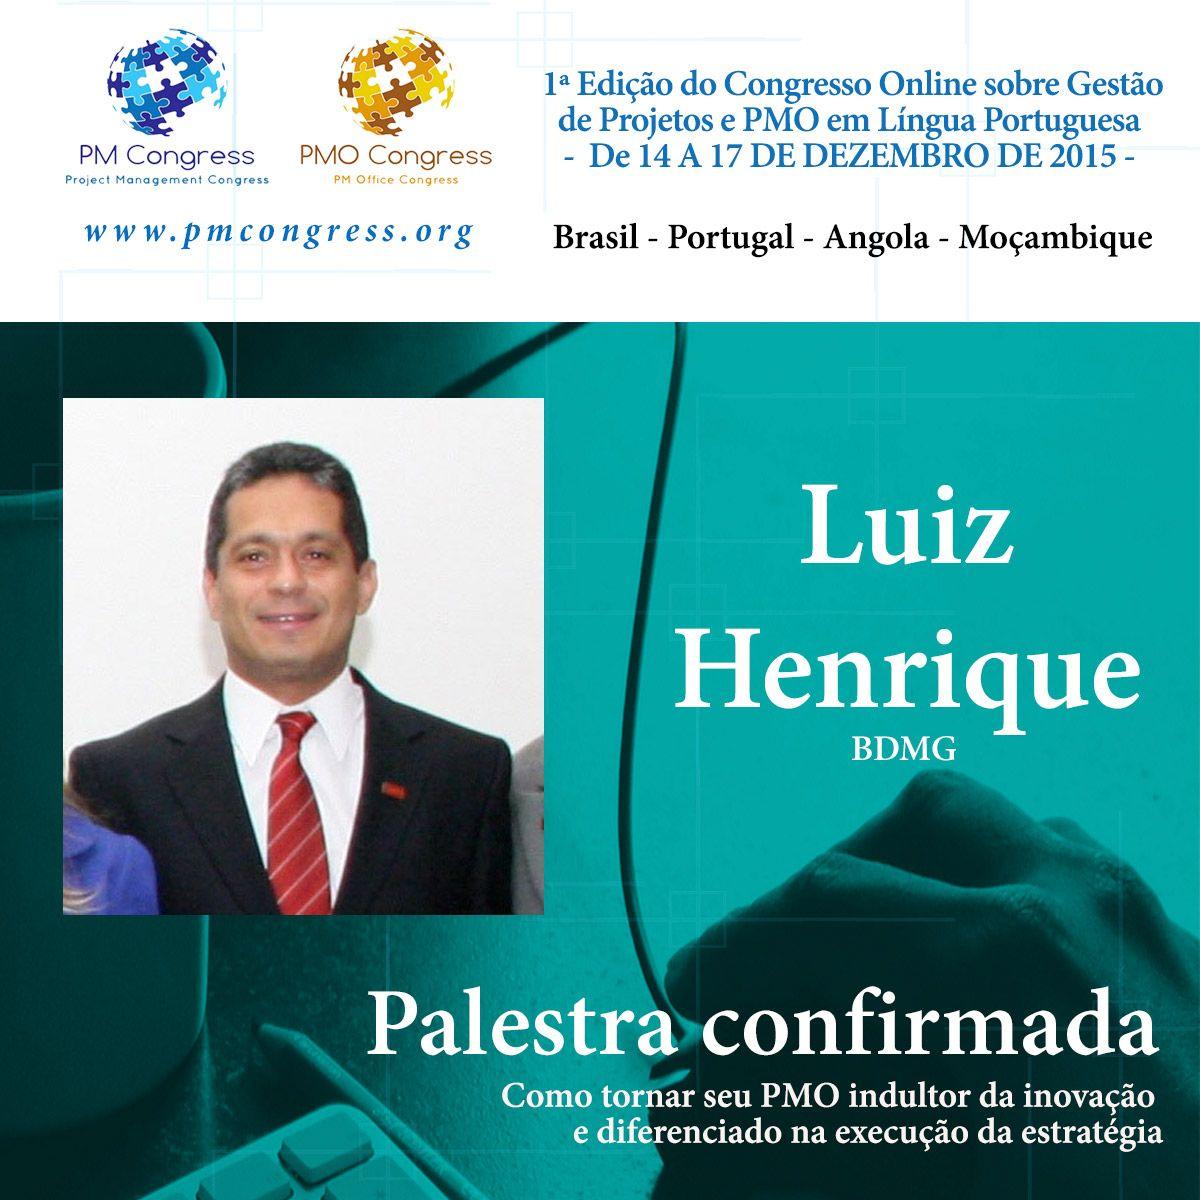 Luiz Henrique é Palestrante na 1ª Edição do Congresso Online sobre Gestão de Projetos e PMO em Língua Portuguesa - De 14 A 17 DE DEZEMBRO DE 2015 - Inscrição gratuita em www.pmcongress.org